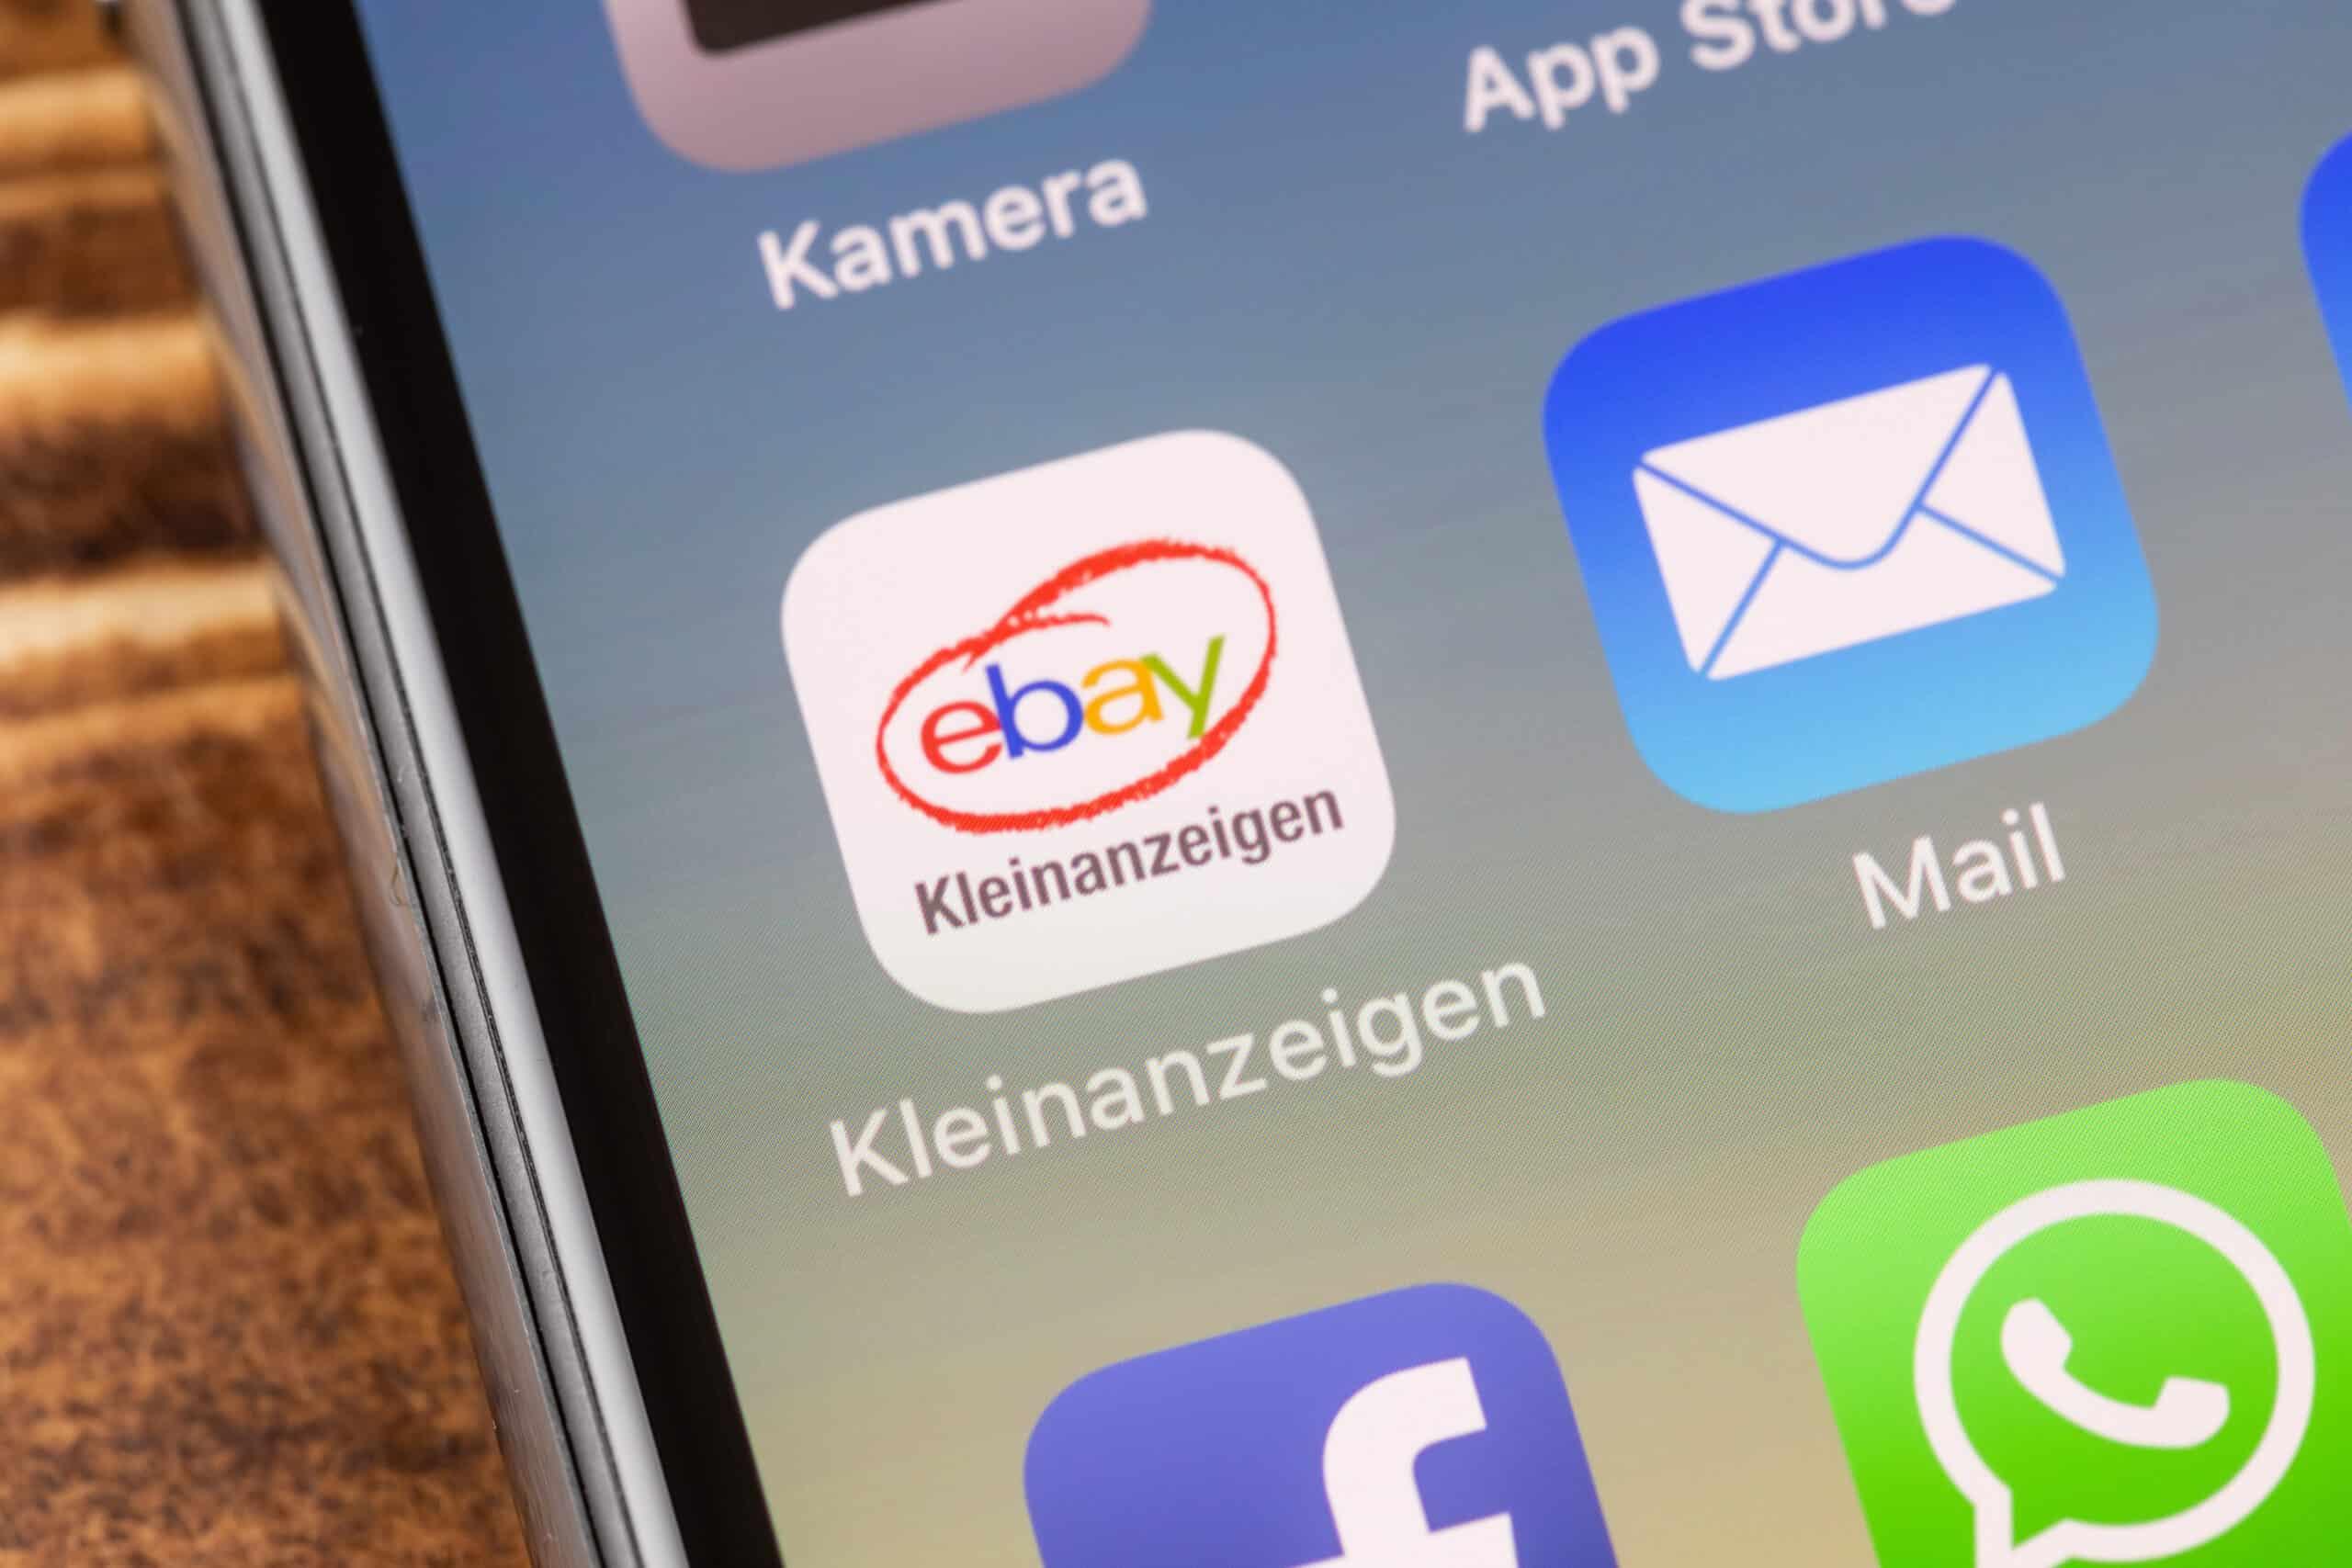 Ebay Kleinanzeigen Störung 2021